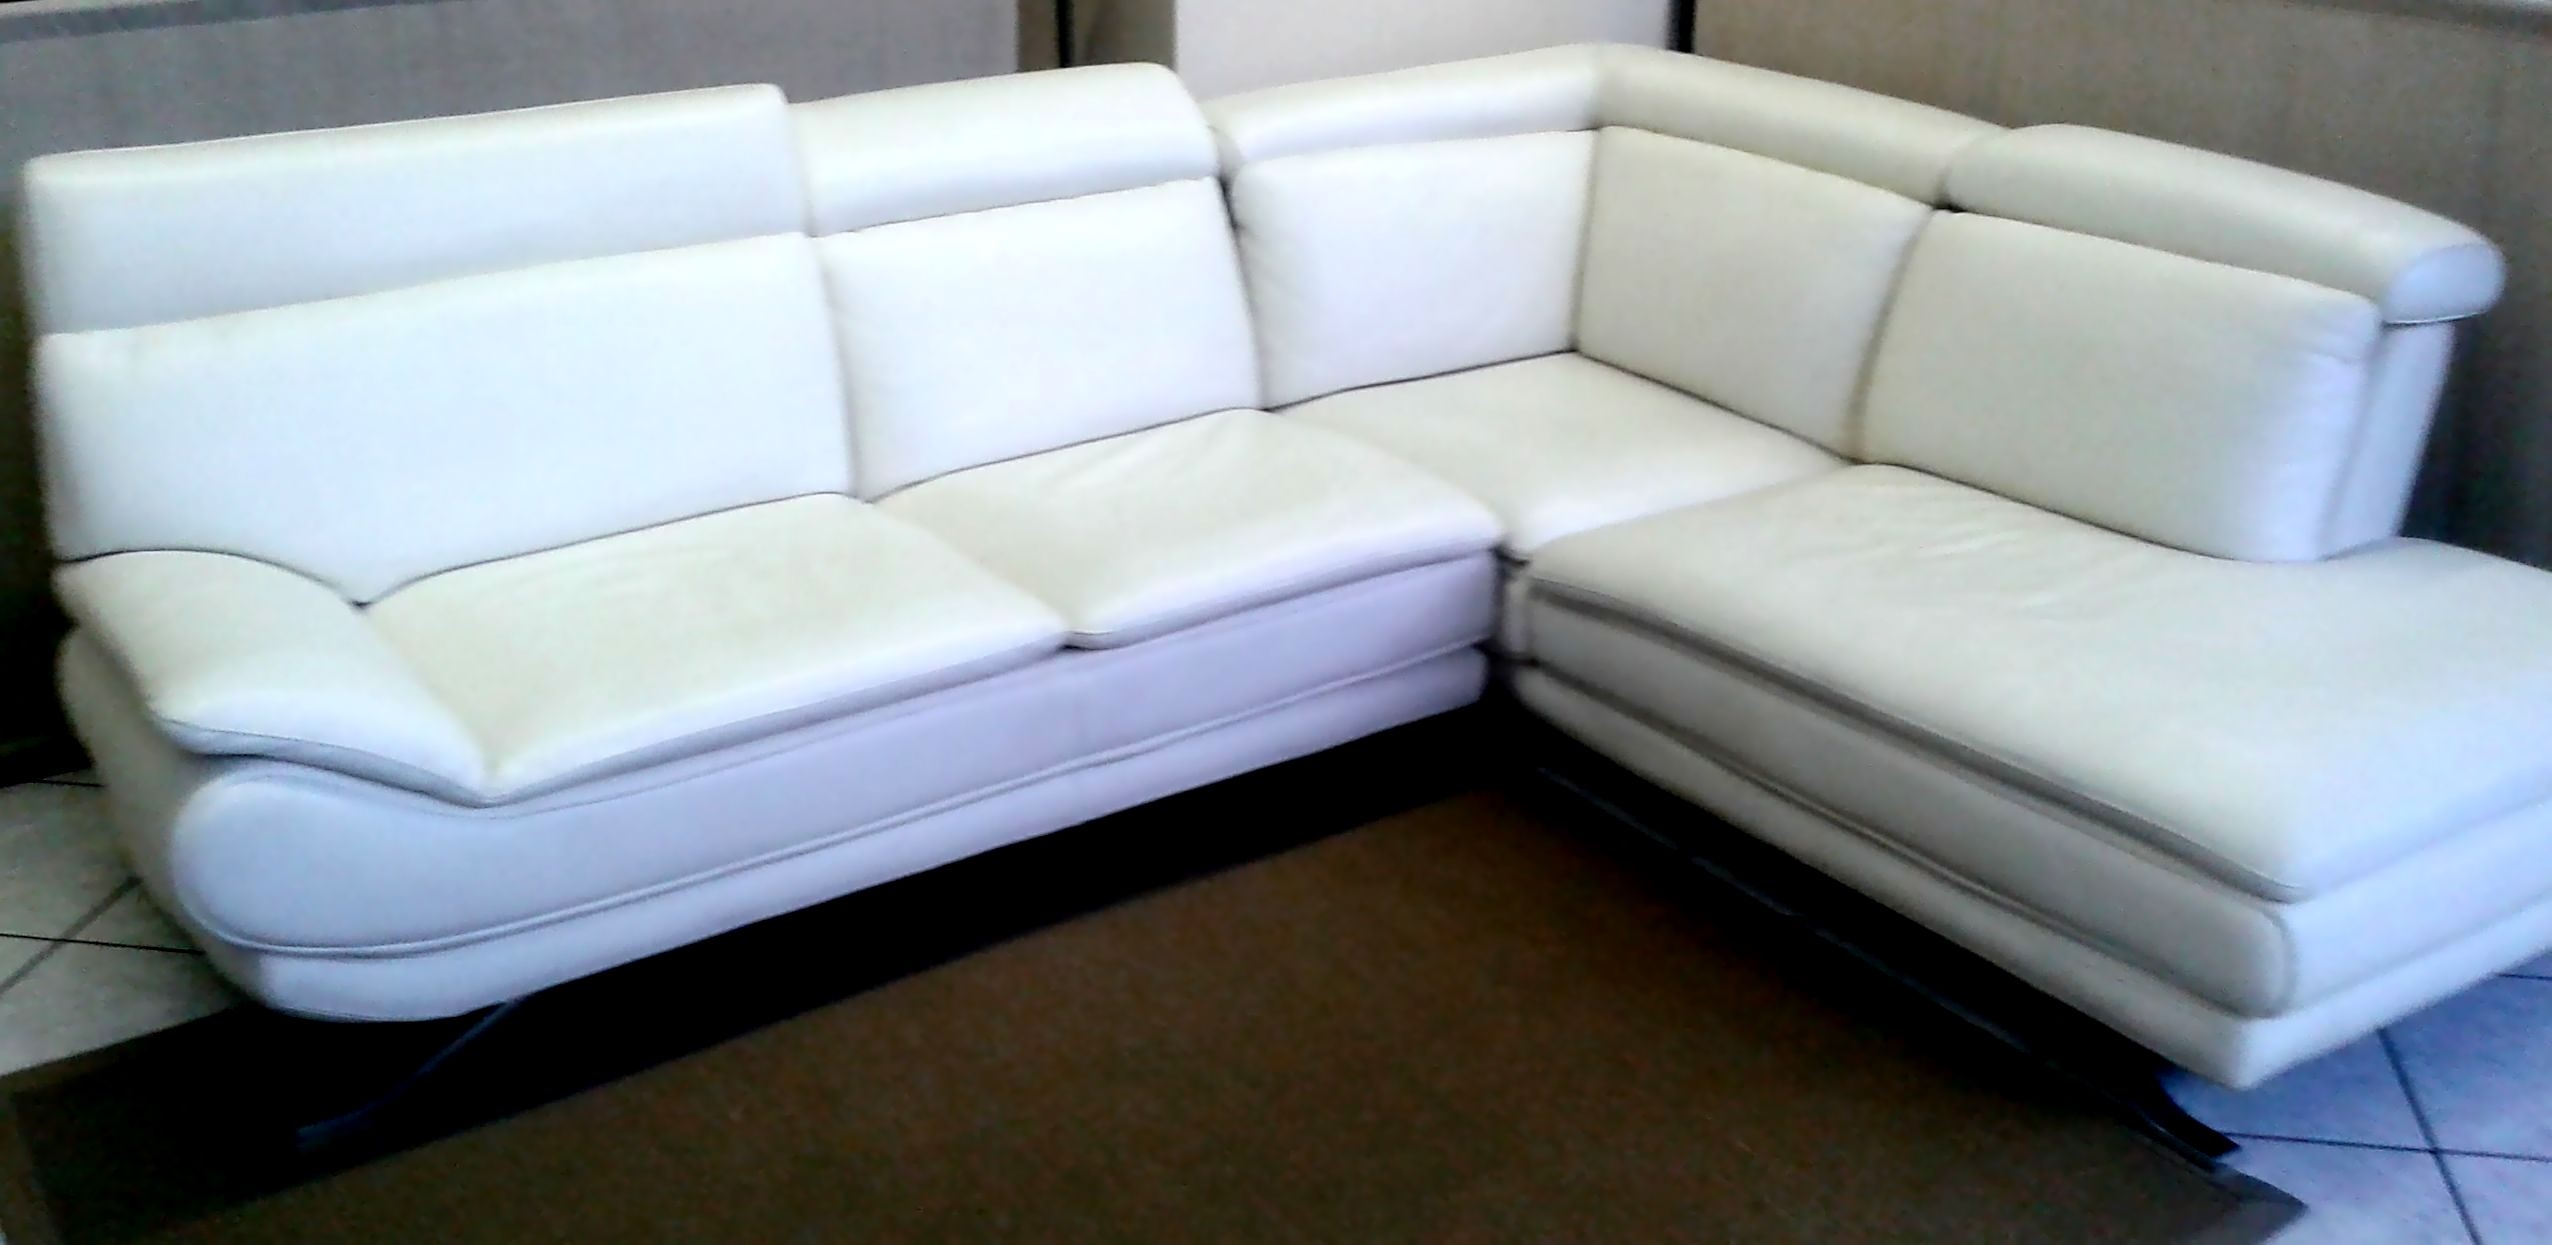 Promozione divano in pelle bianca divani a prezzi scontati for Divani e divani in pelle prezzi